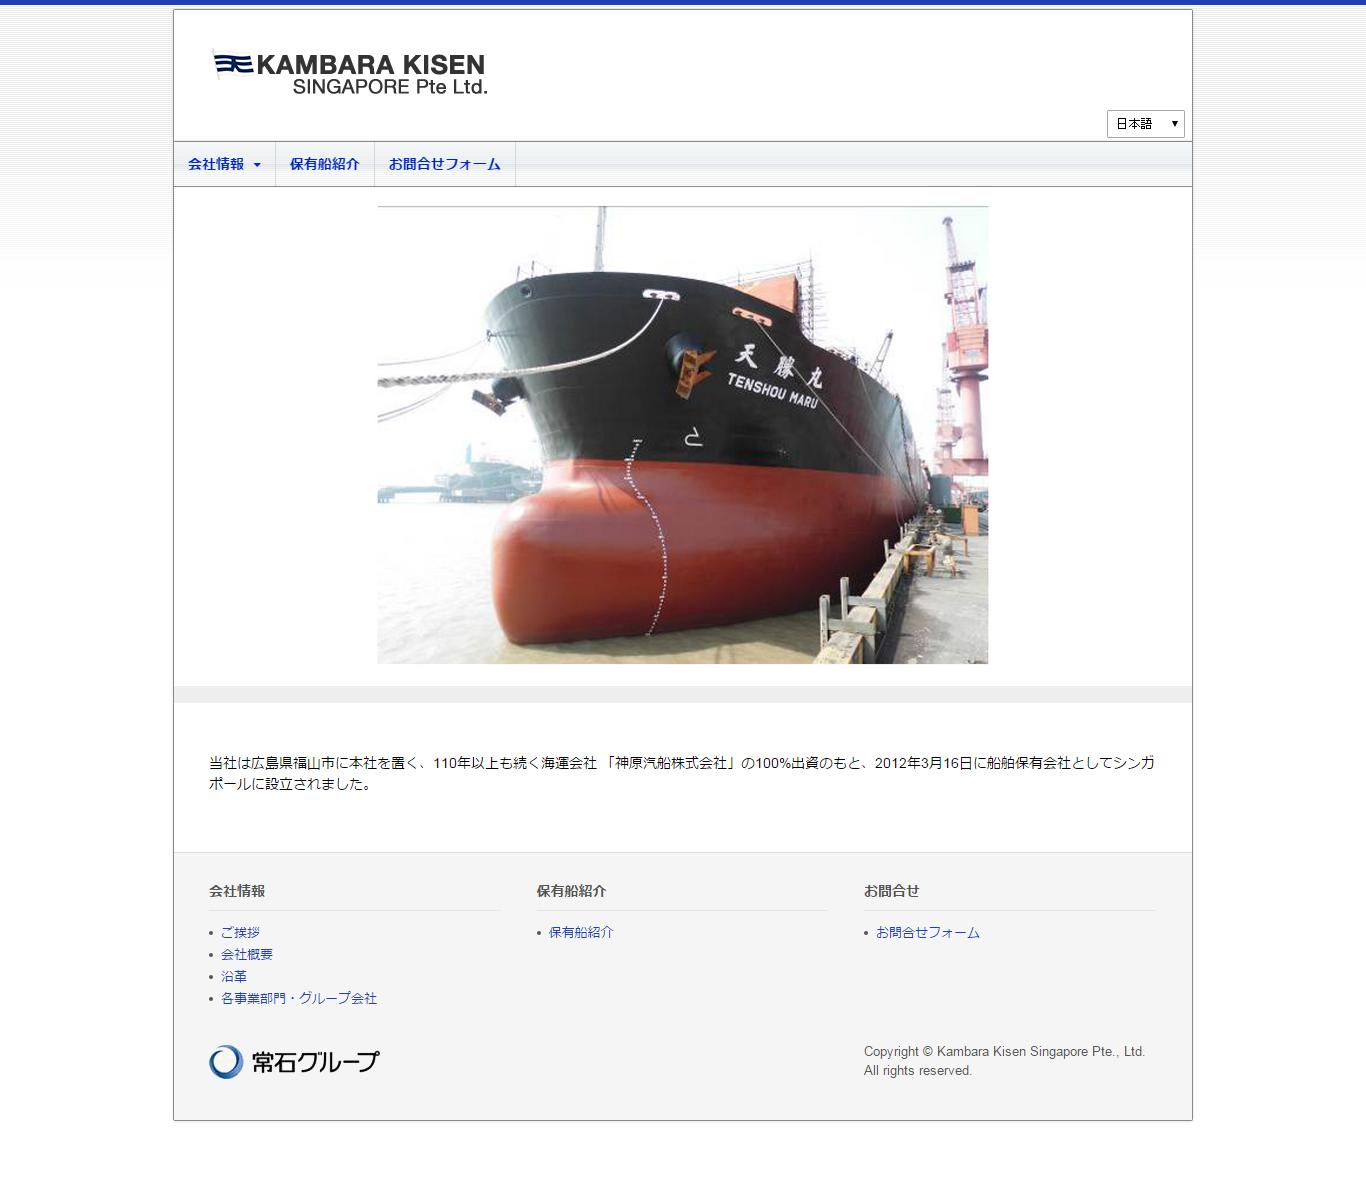 神原汽船 シンガポール ウェブサイト公開